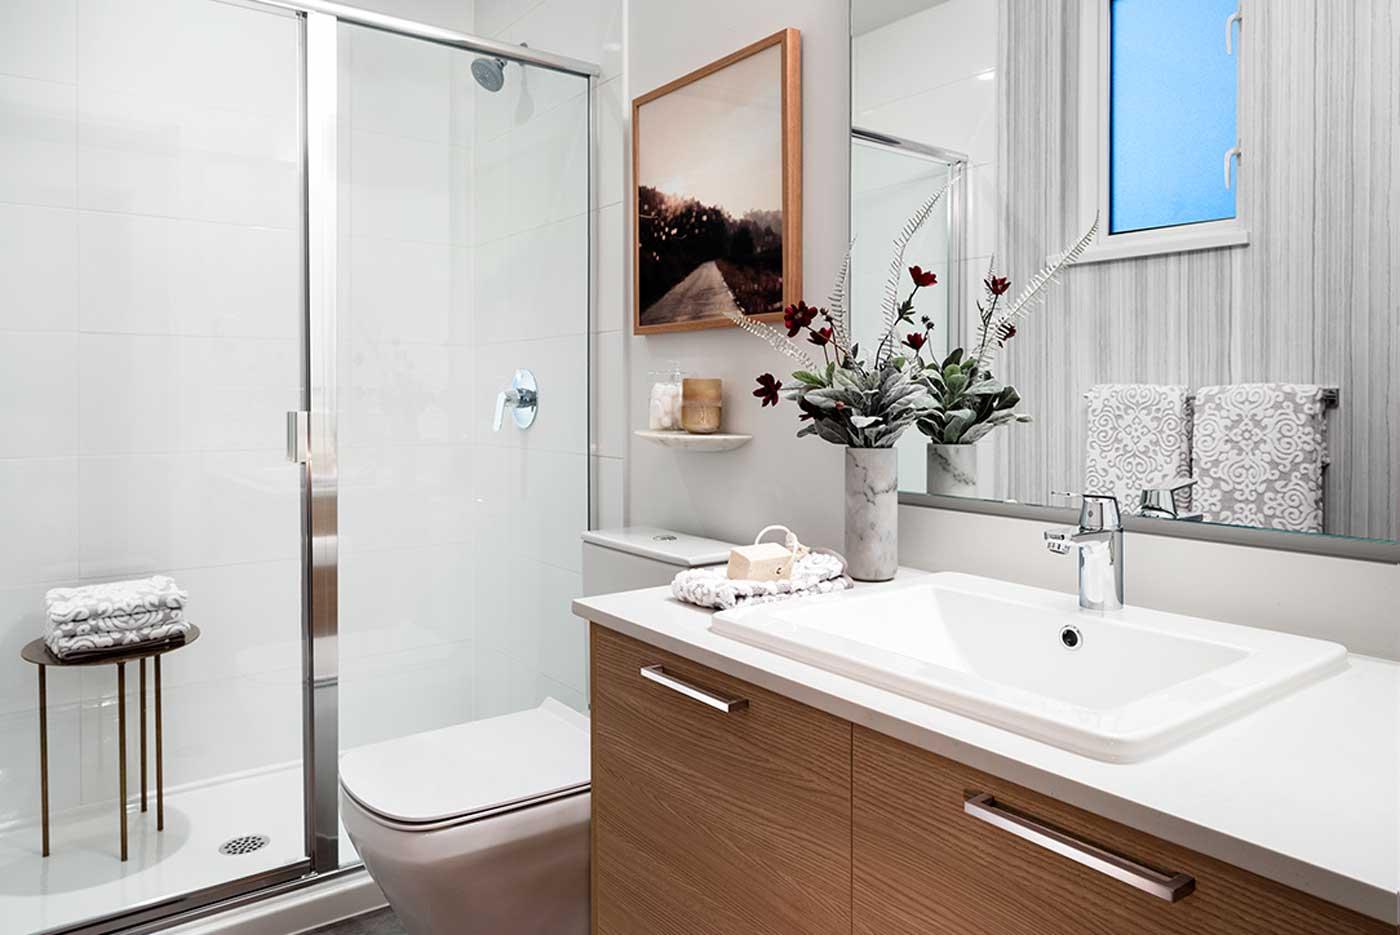 anthem-clayton-walk-gallery-bathroom-1-1400x935px.jpg